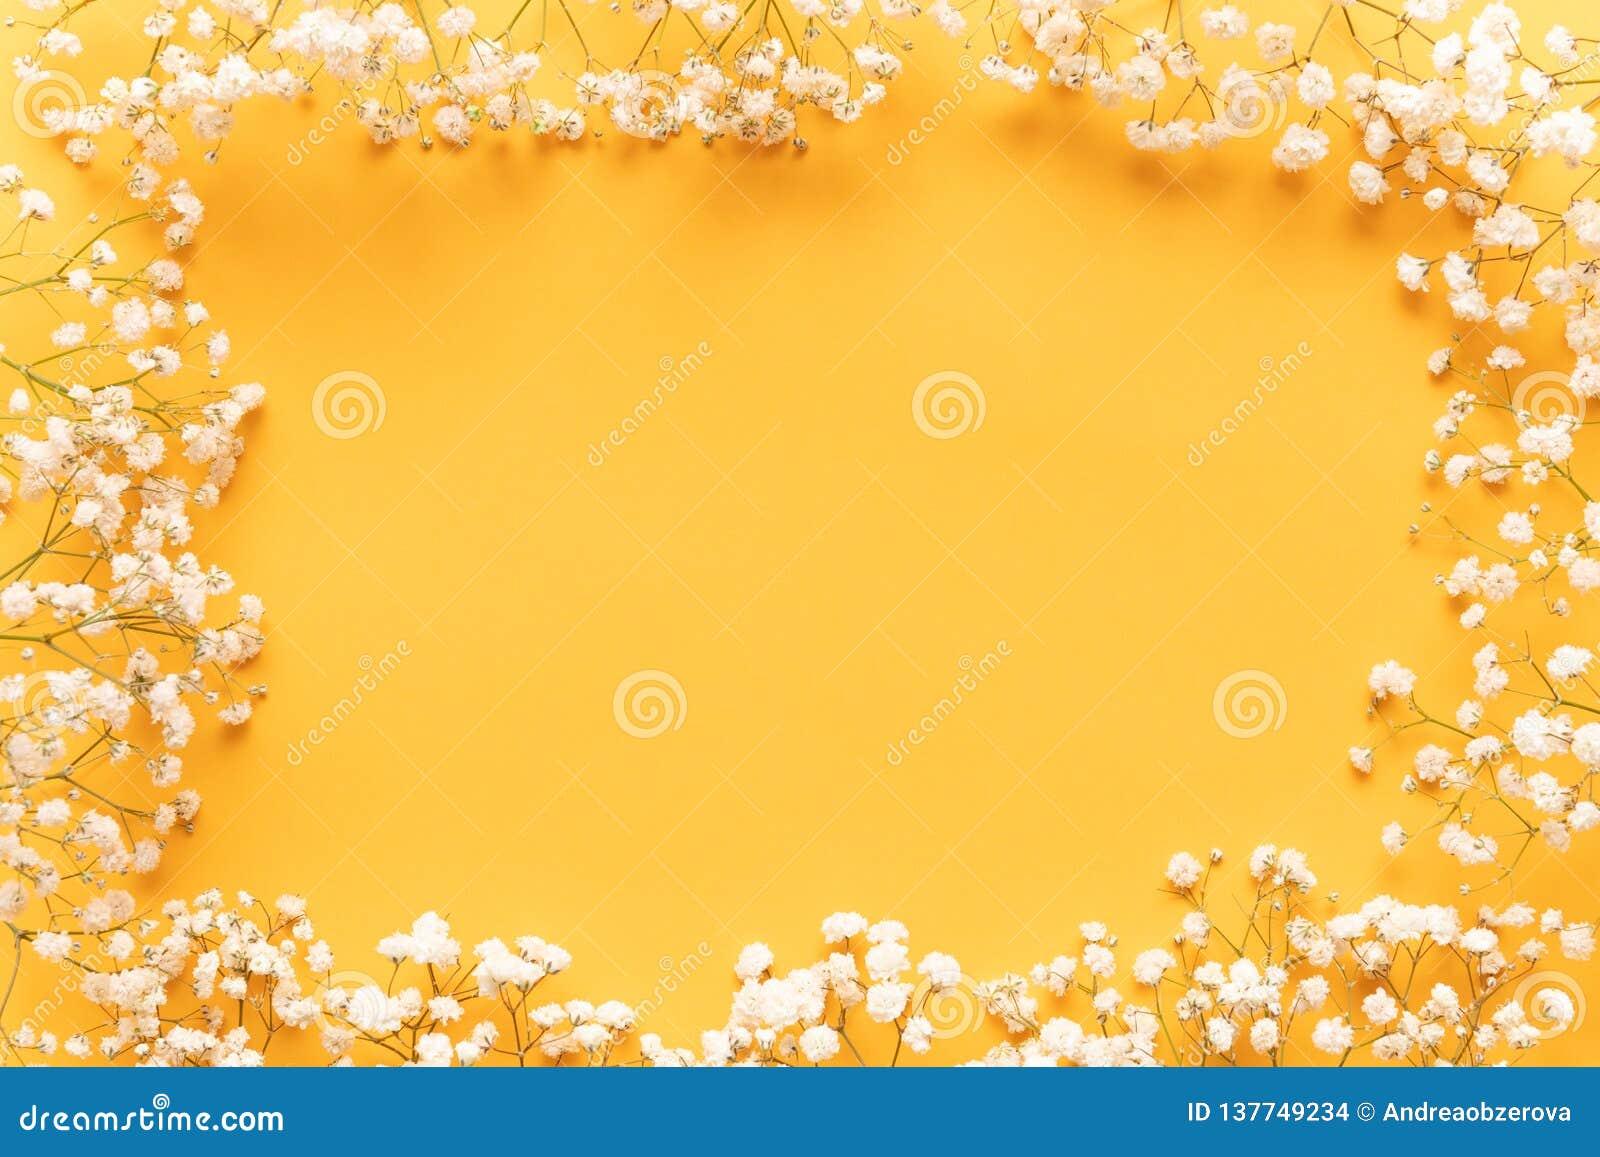 Ljus gul pappers- bakgrund med mjuka små vita blommor, välkommet vårbegrepp Lycklig moderdag kvinnors kort för daghälsning